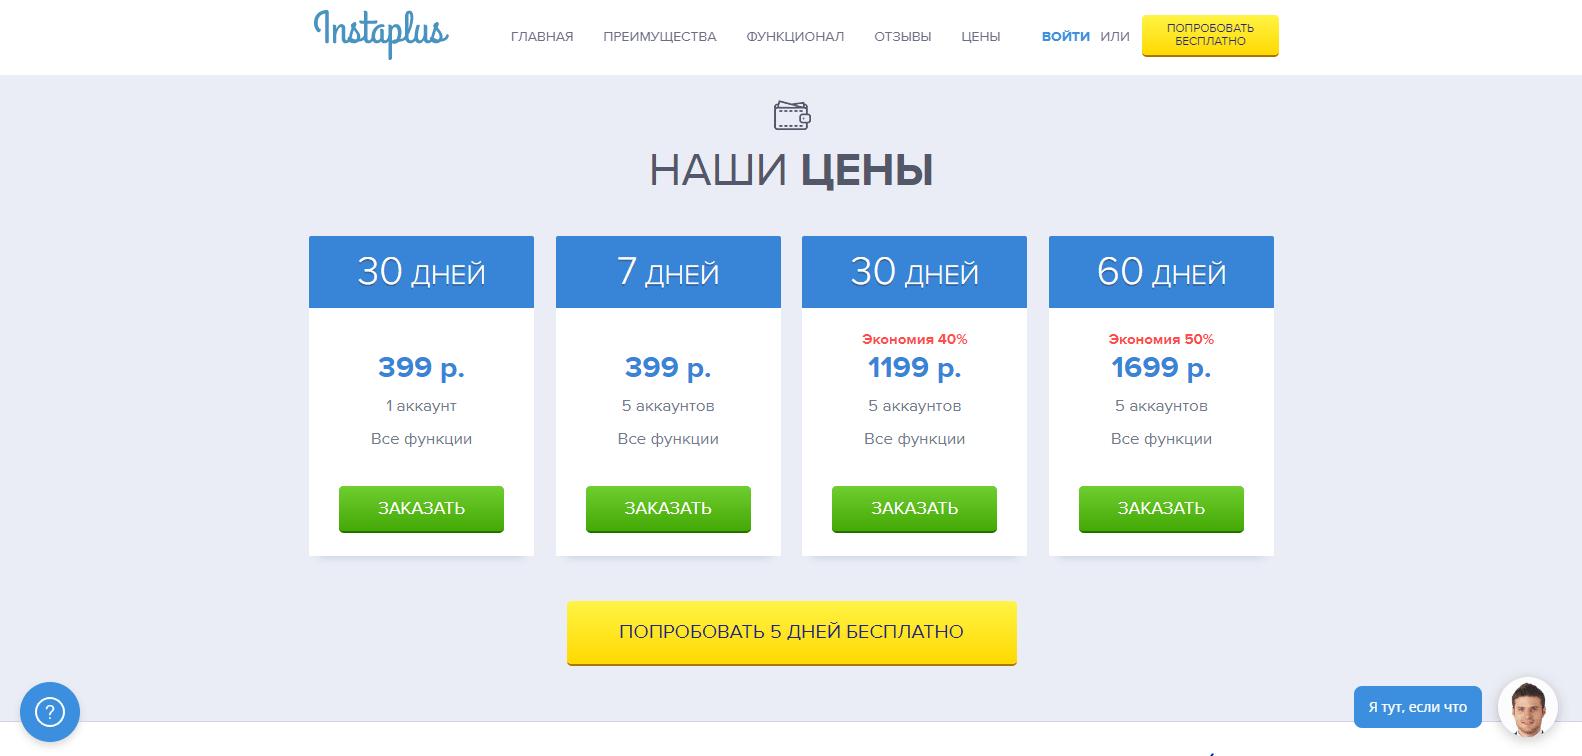 Цены Instaplus